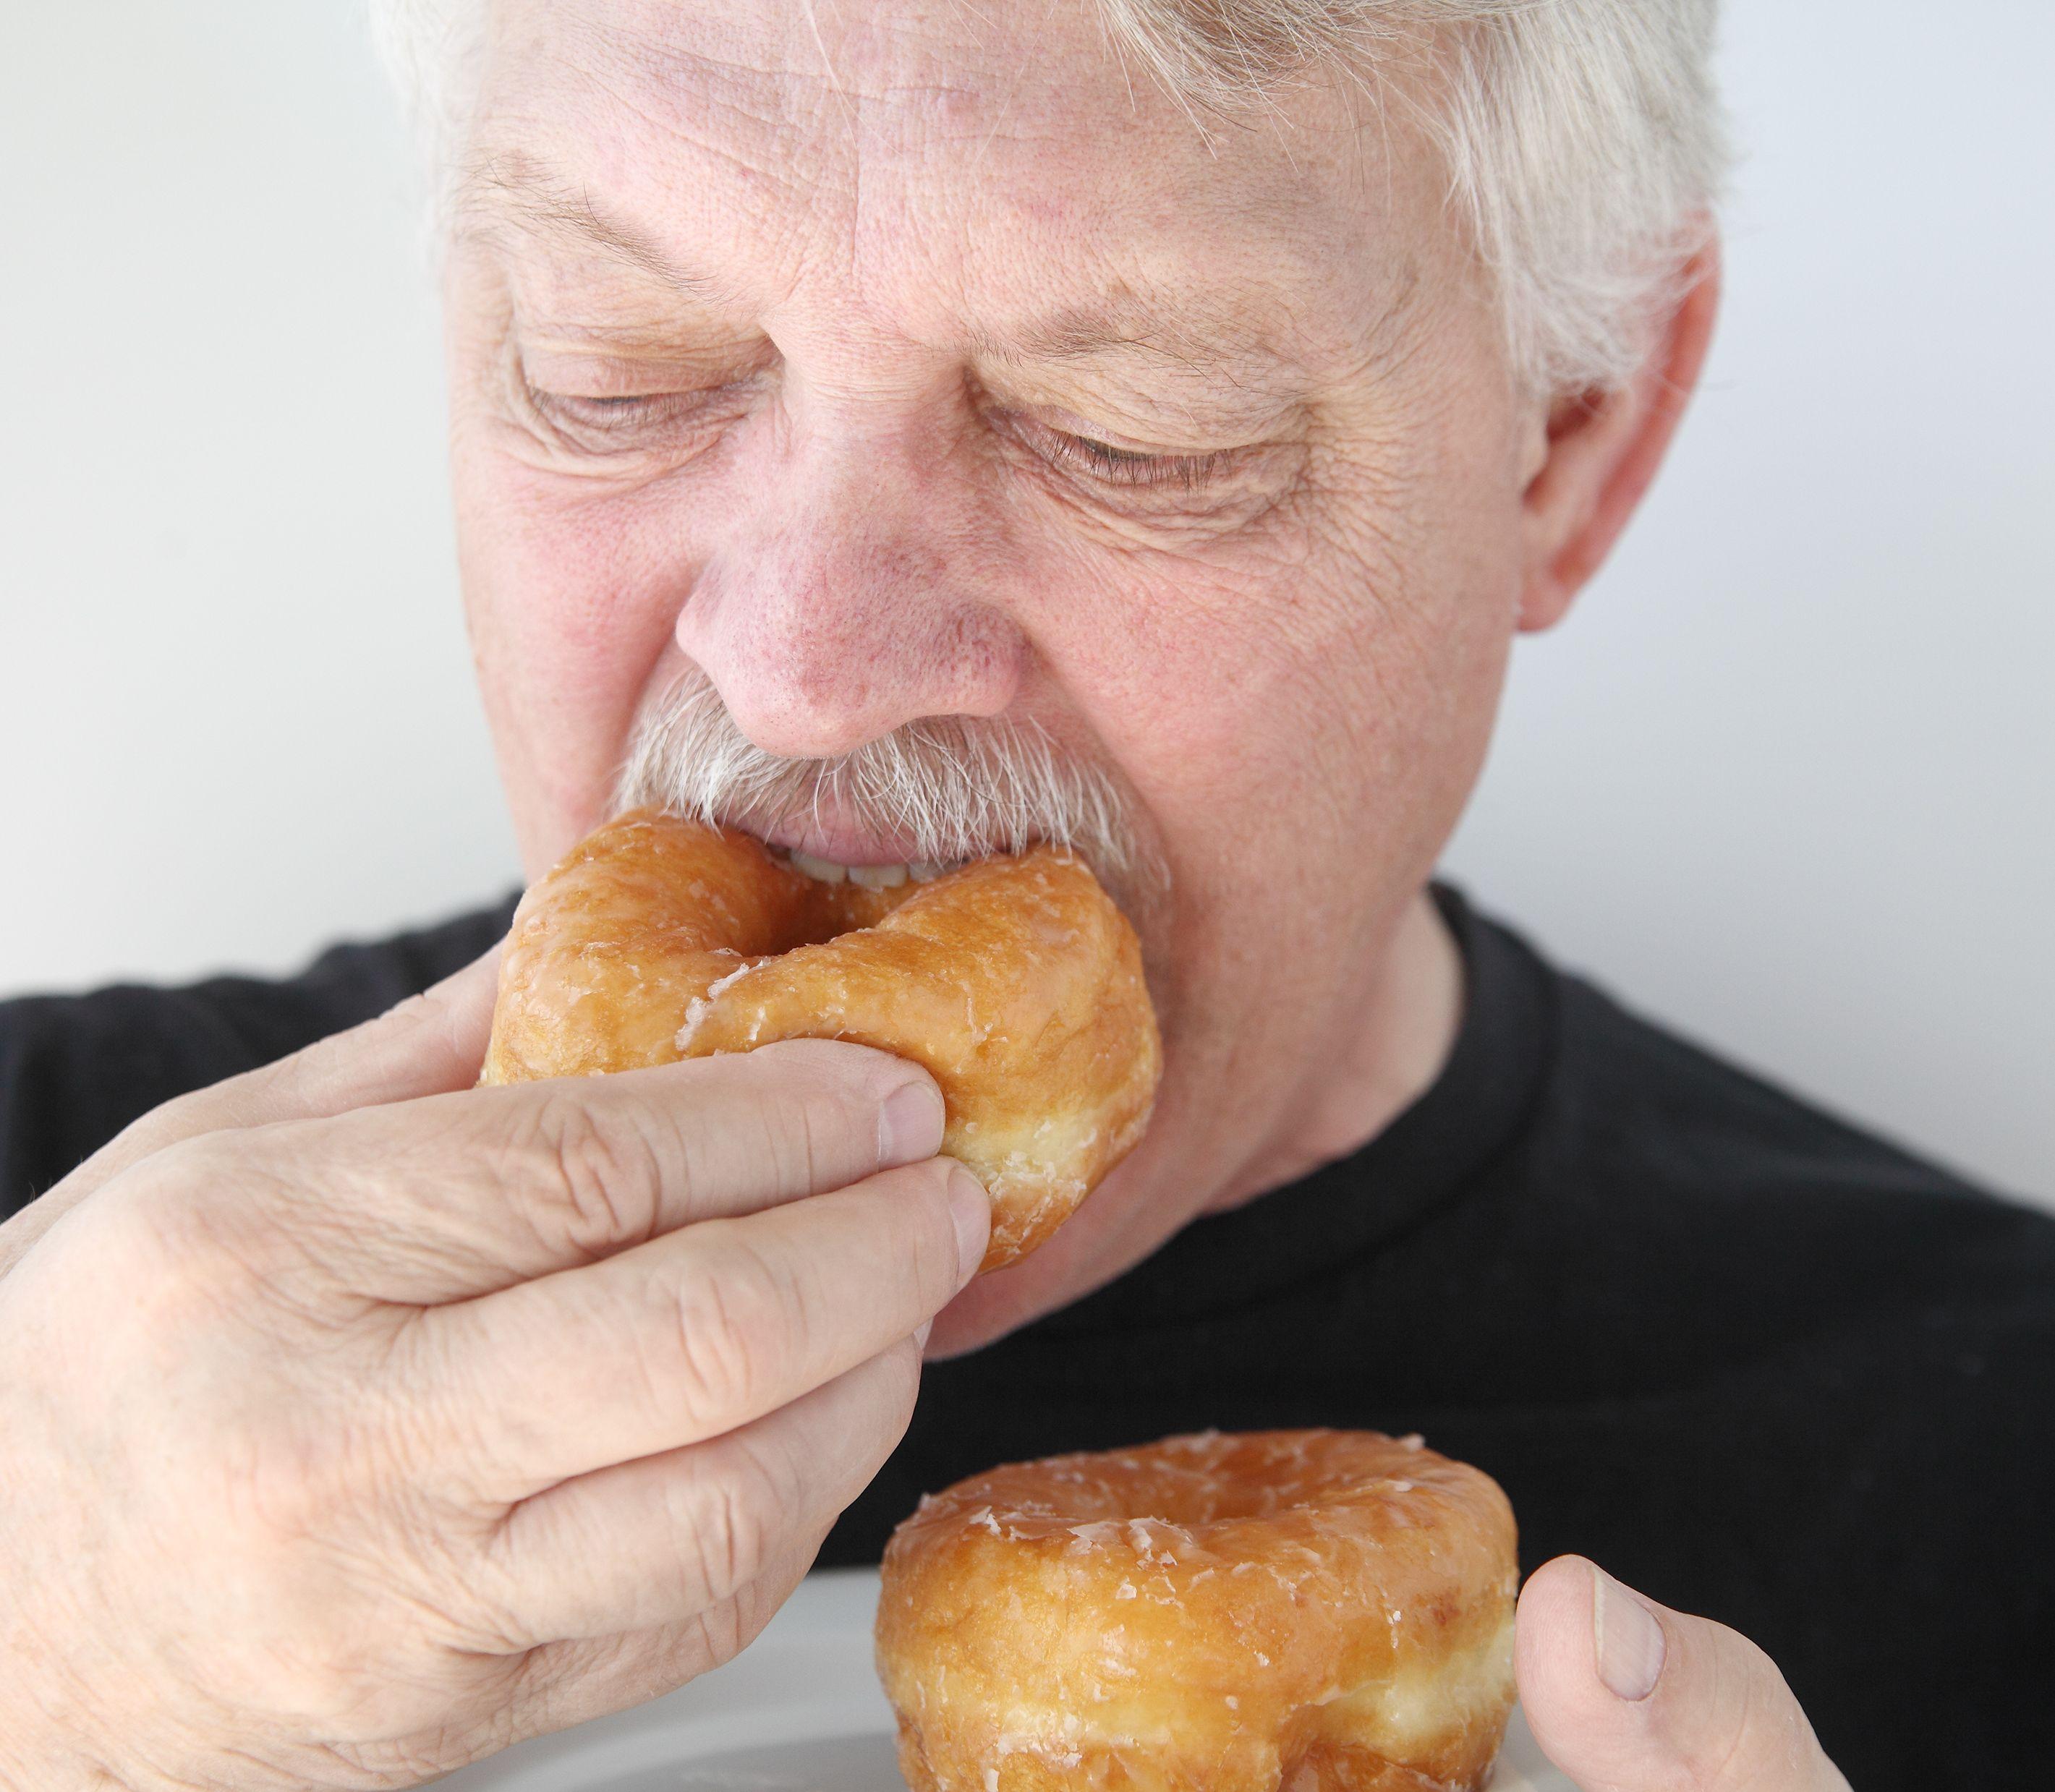 Priberáme a ničí nás únava: Cukor je legálnou drogou, ako ju môžeme obmedziť?